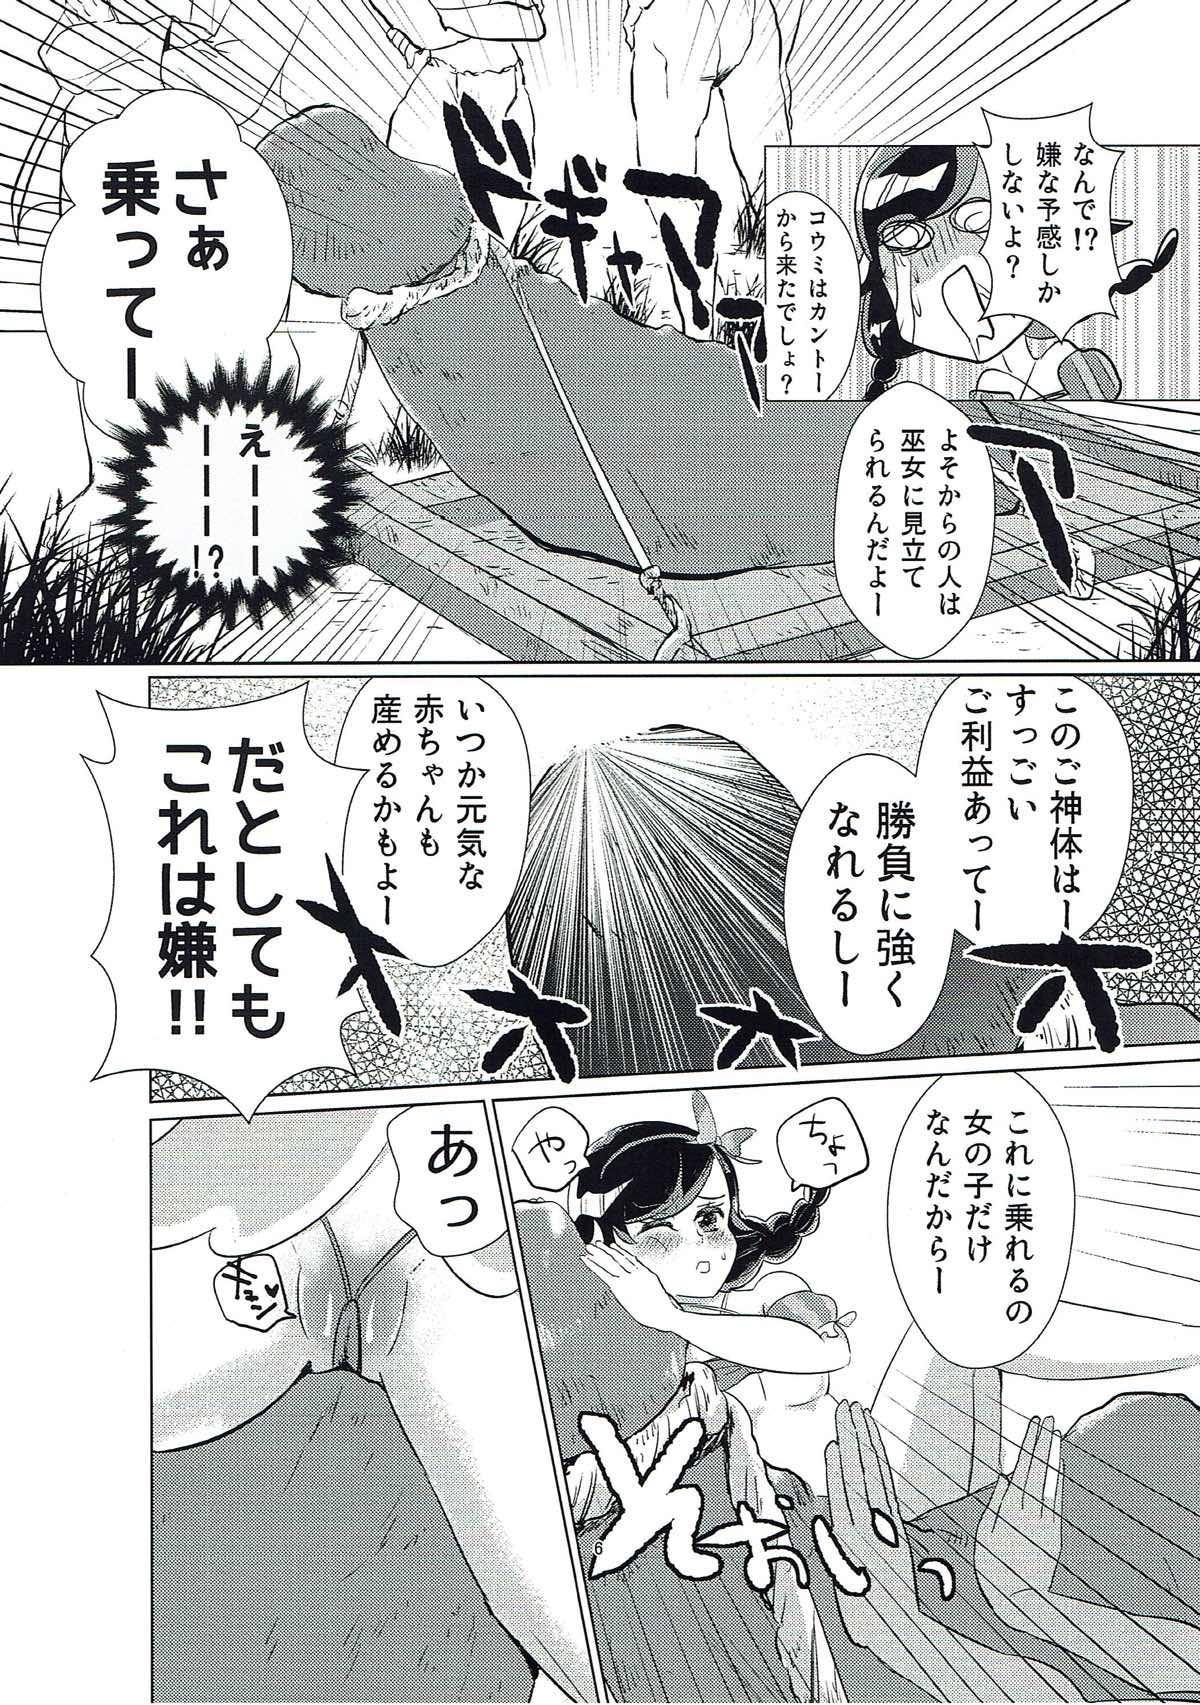 Koumi no Maramarasai Daikikou 4